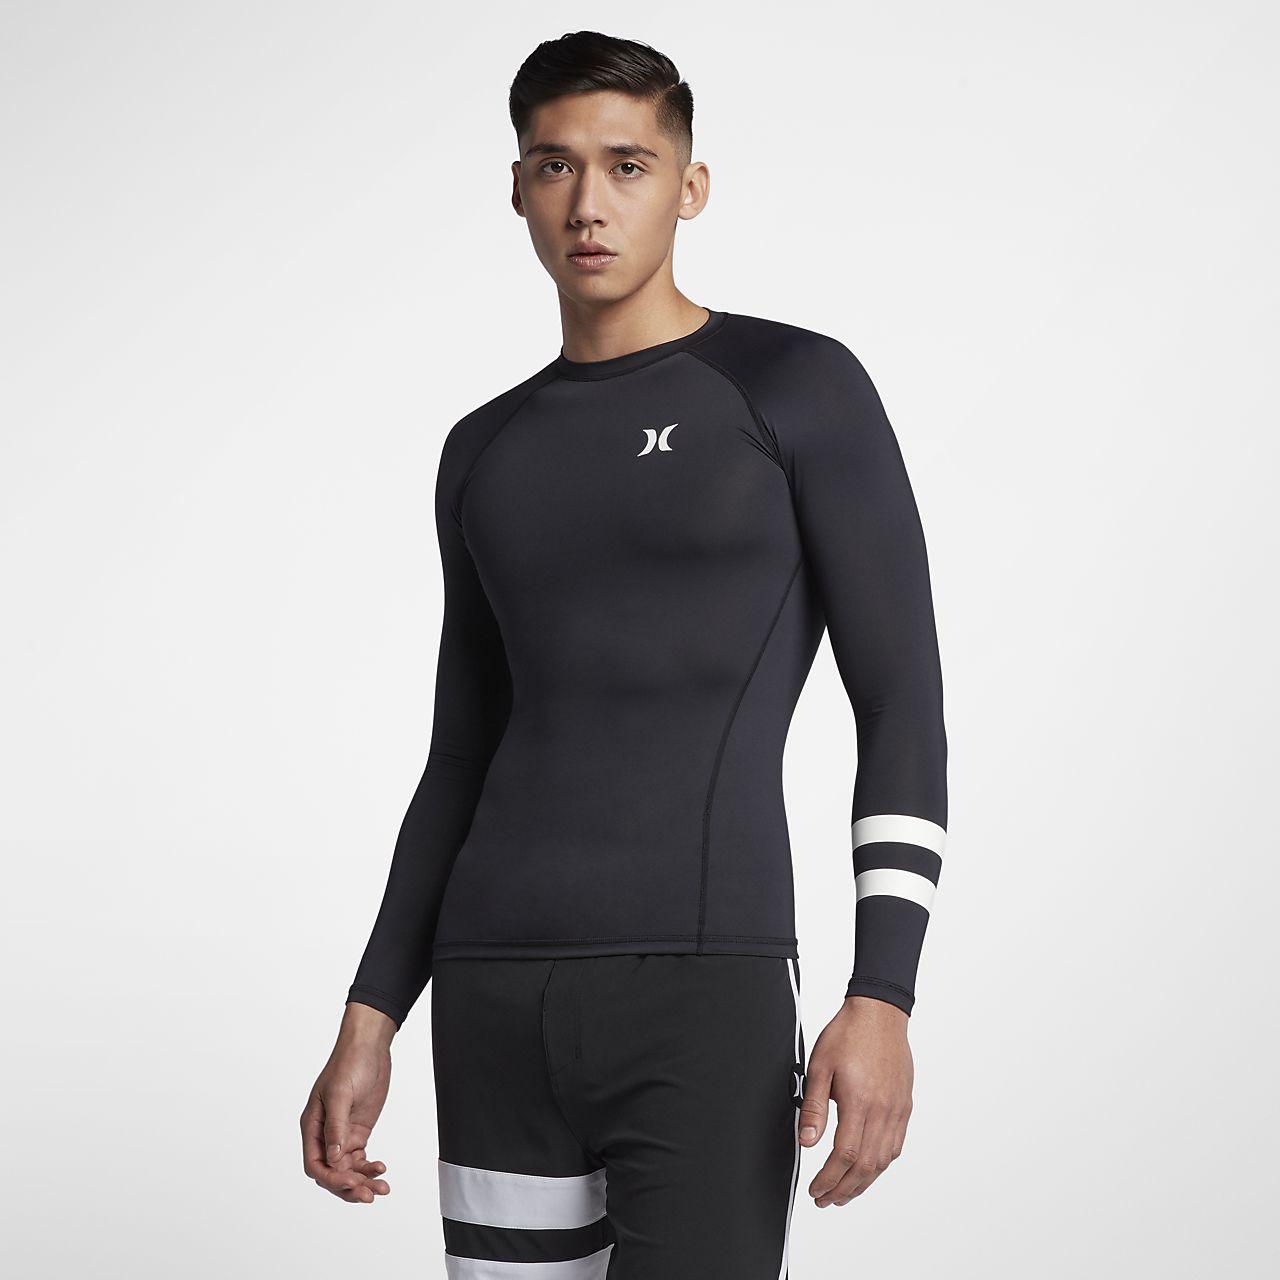 Pánské surfařské tričko s dlouhým rukávem Hurley Pro Light